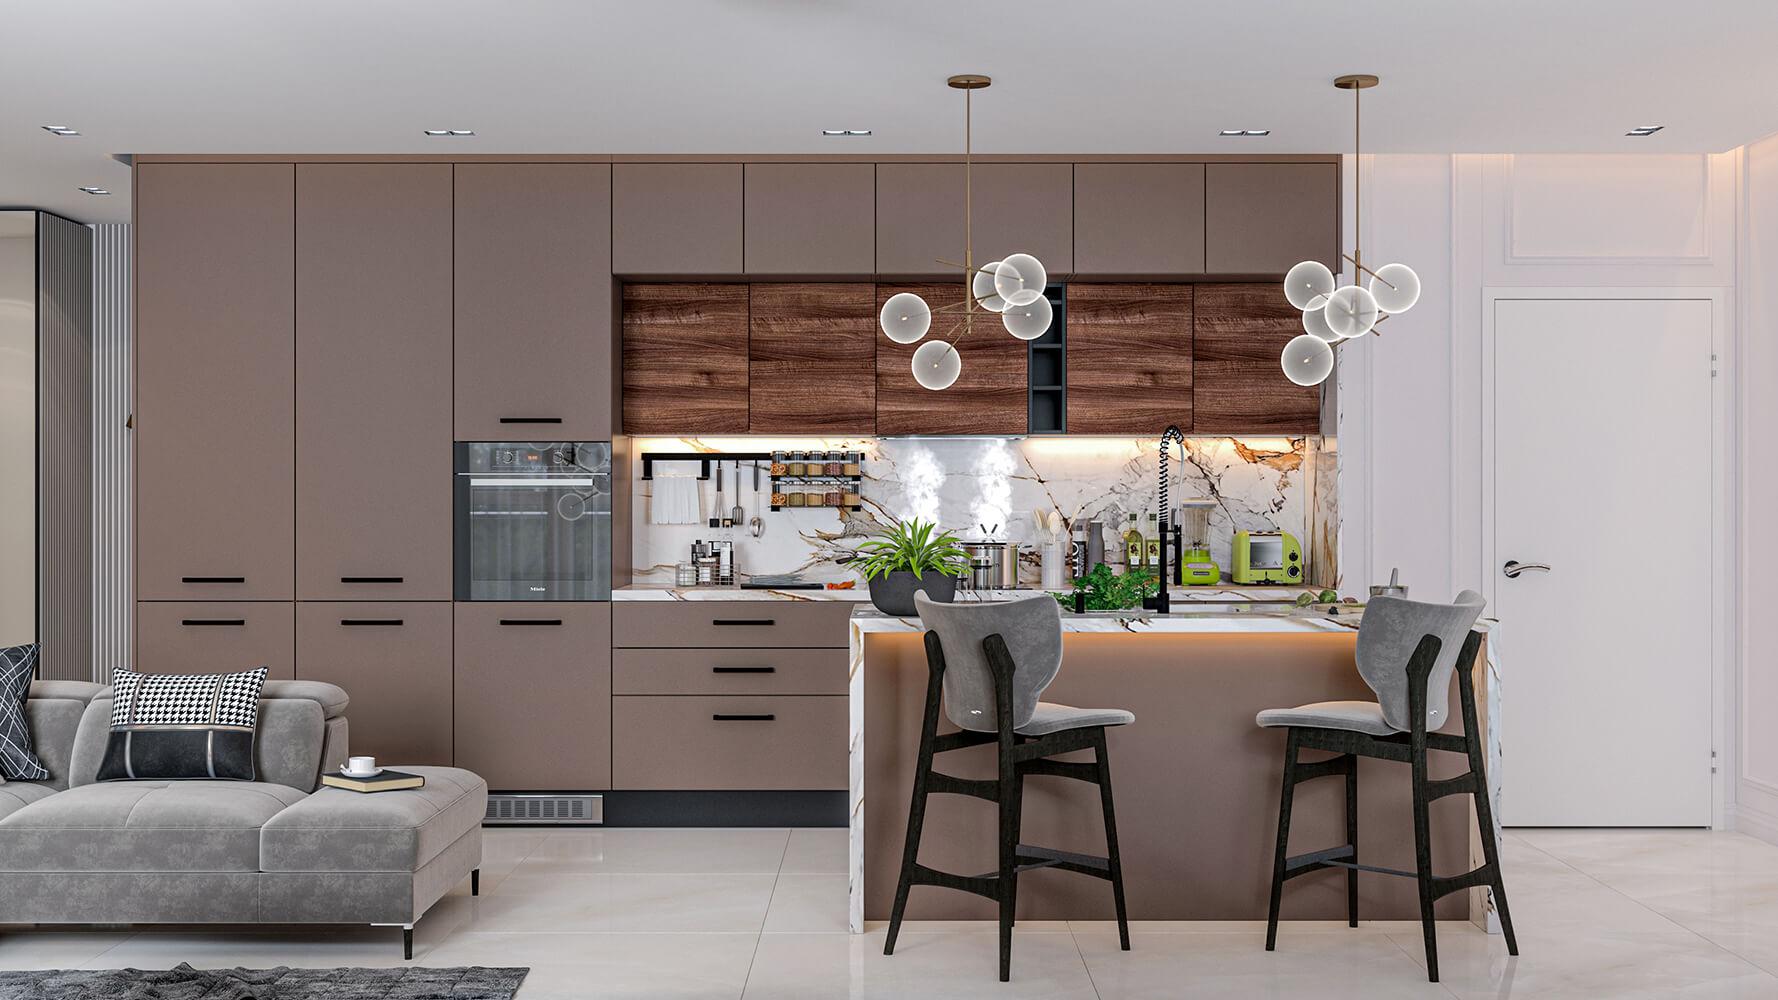 interioren-dizain-proekt-na-kuhnia-i-dneven-trakt-emma